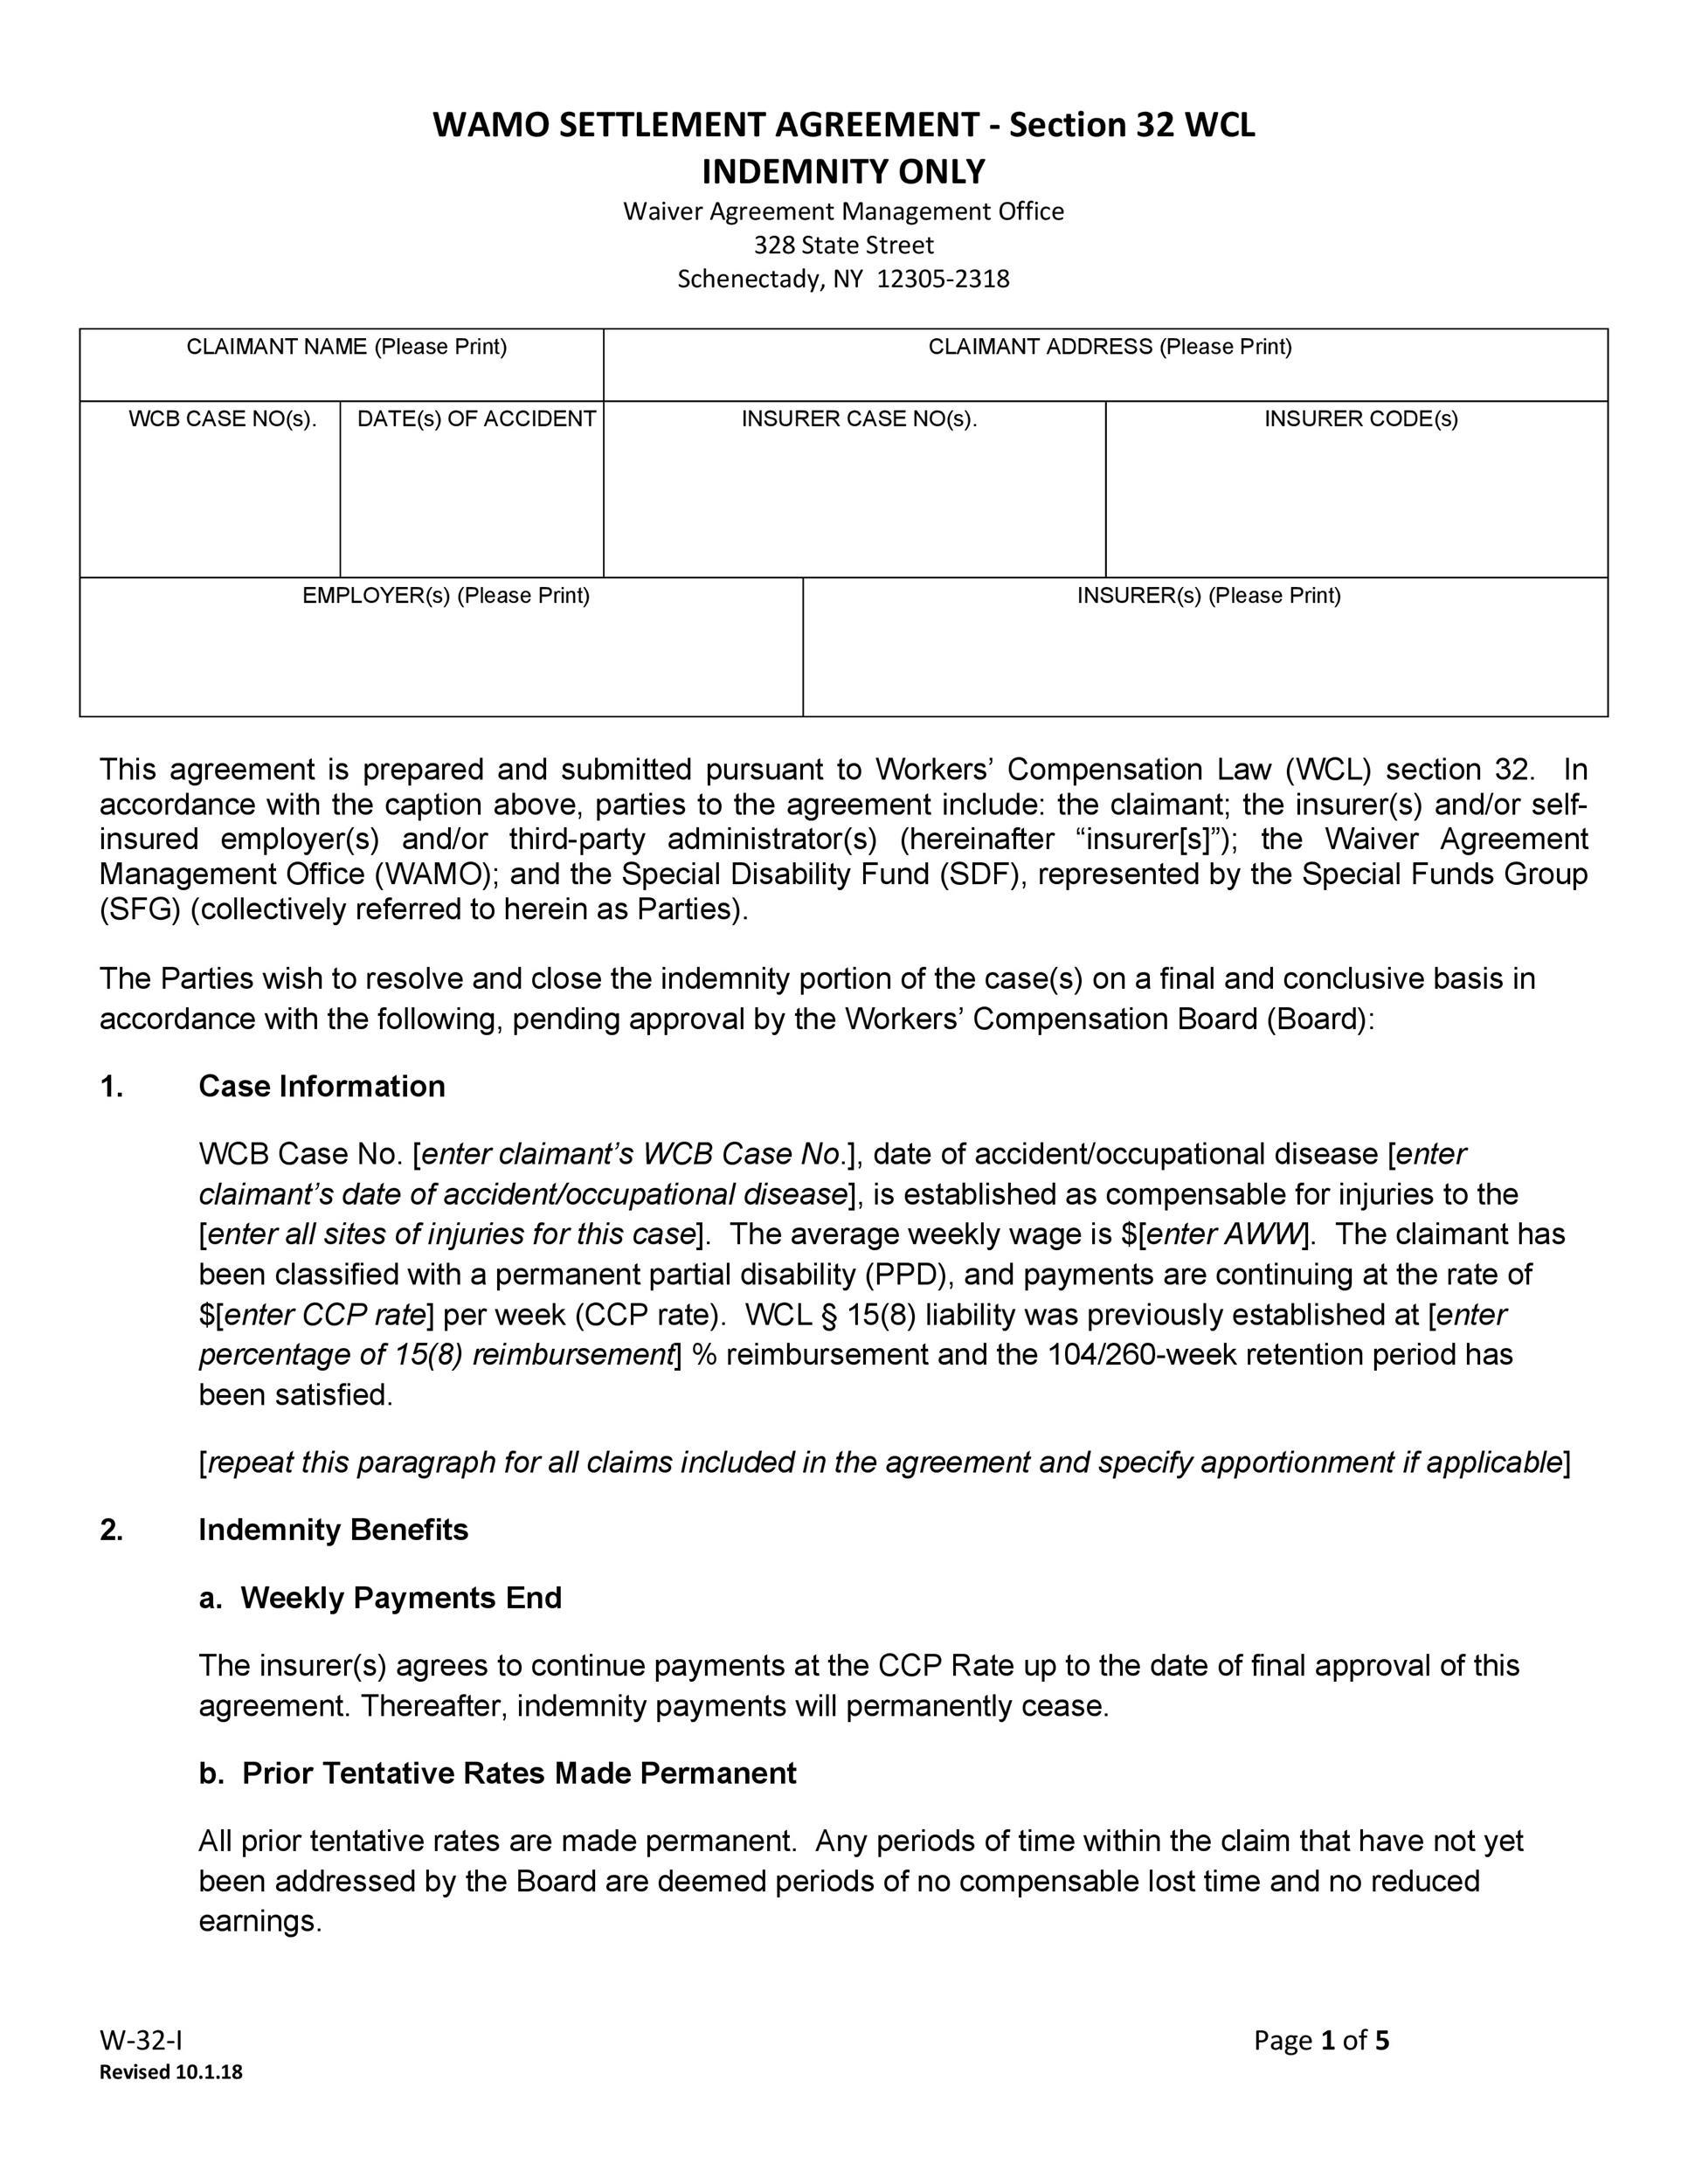 Free settlement agreement 33